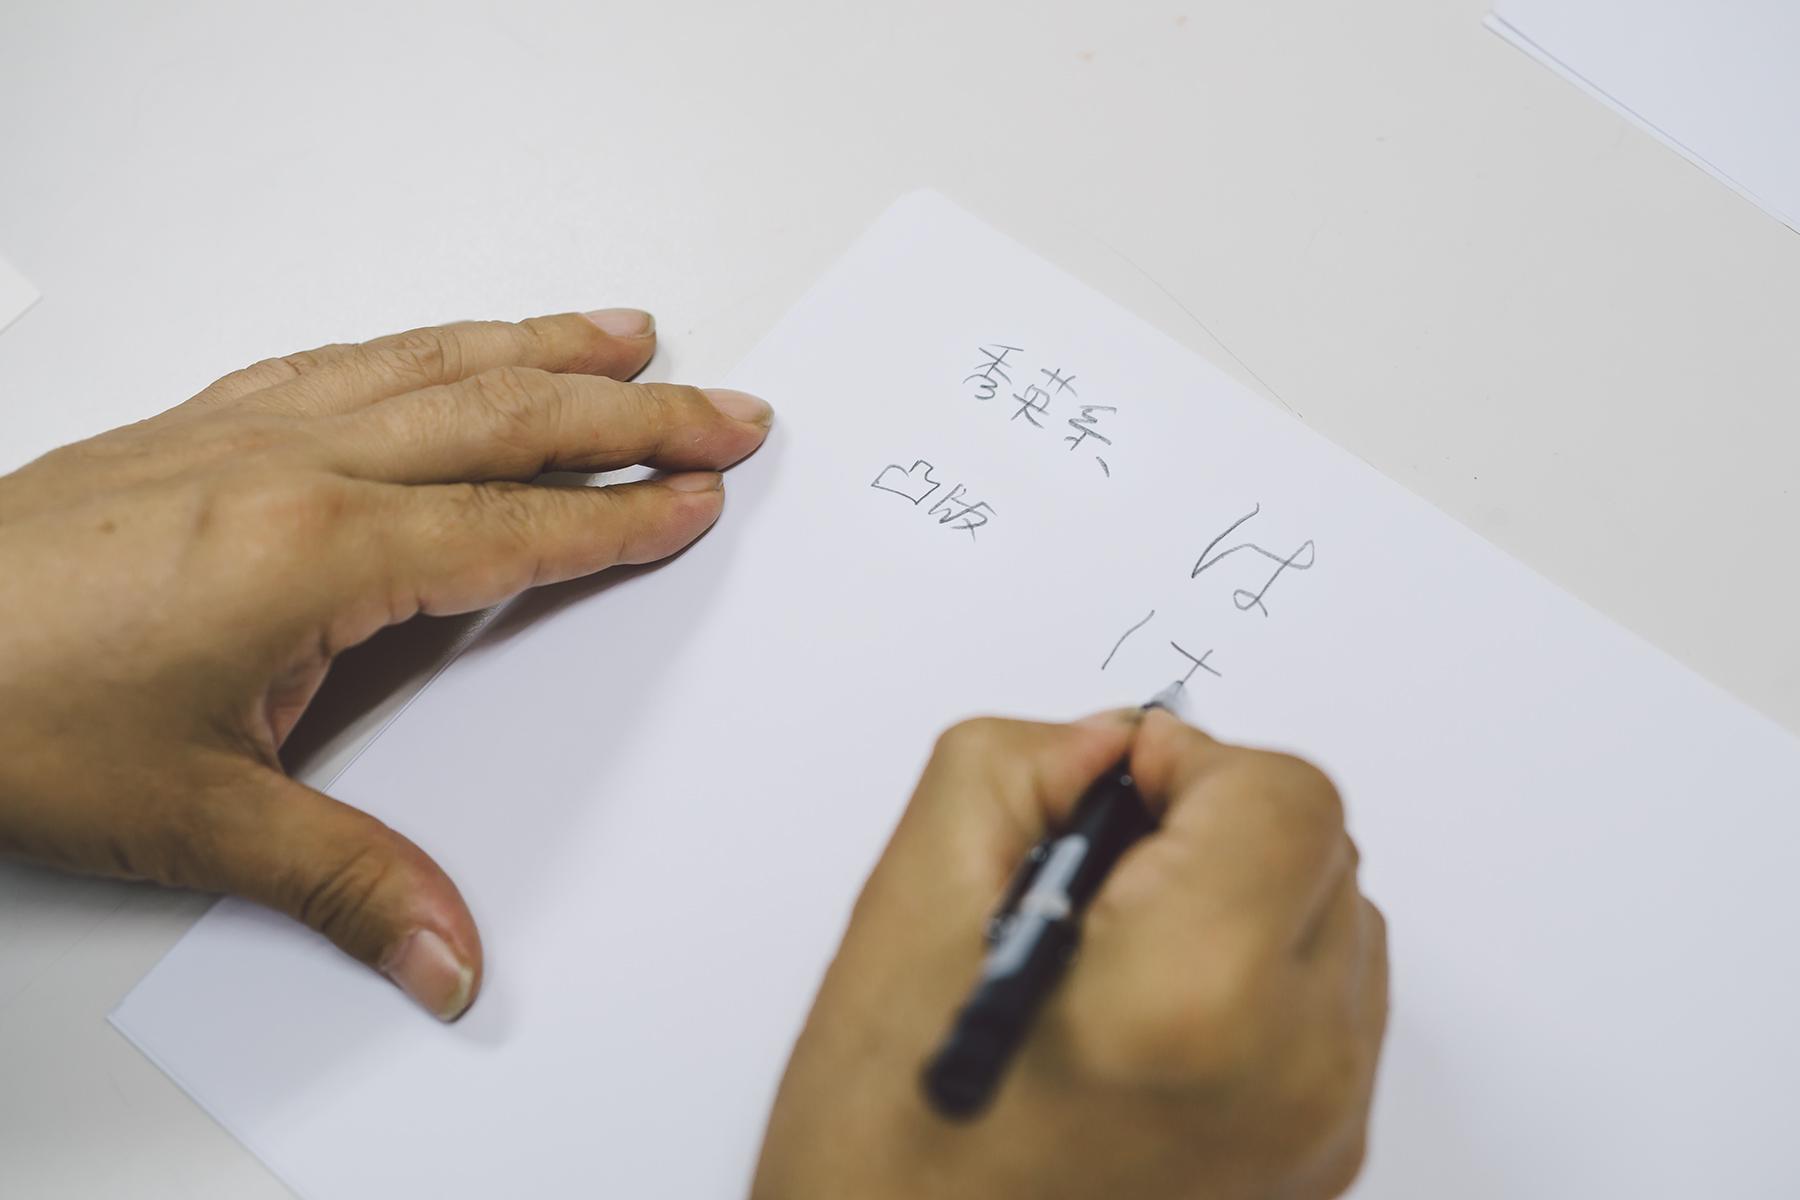 祖父江慎觀看文字的方式是從畫面構造切入,認為不同內文就要使用不同字體,才符合設計的一環,並徒手寫下秀英明朝體、黑體間的差異。